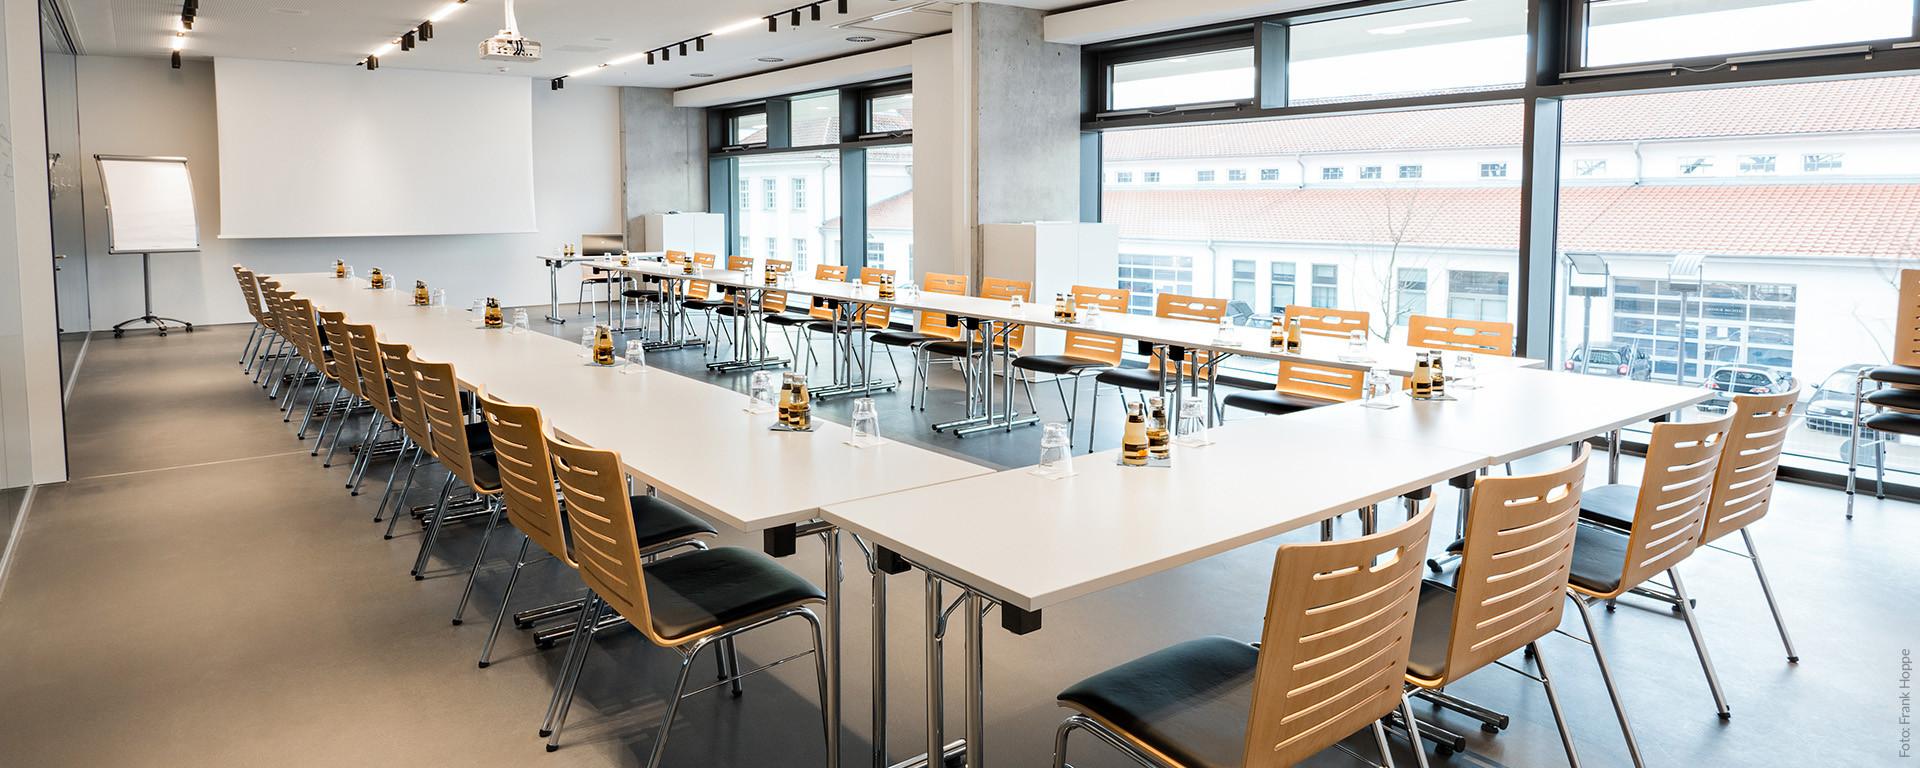 Tagungsräume im V8 HOTEL für 6, 60-oder 90 Personen bis hin zu Veranstaltungen bis 400 Personen